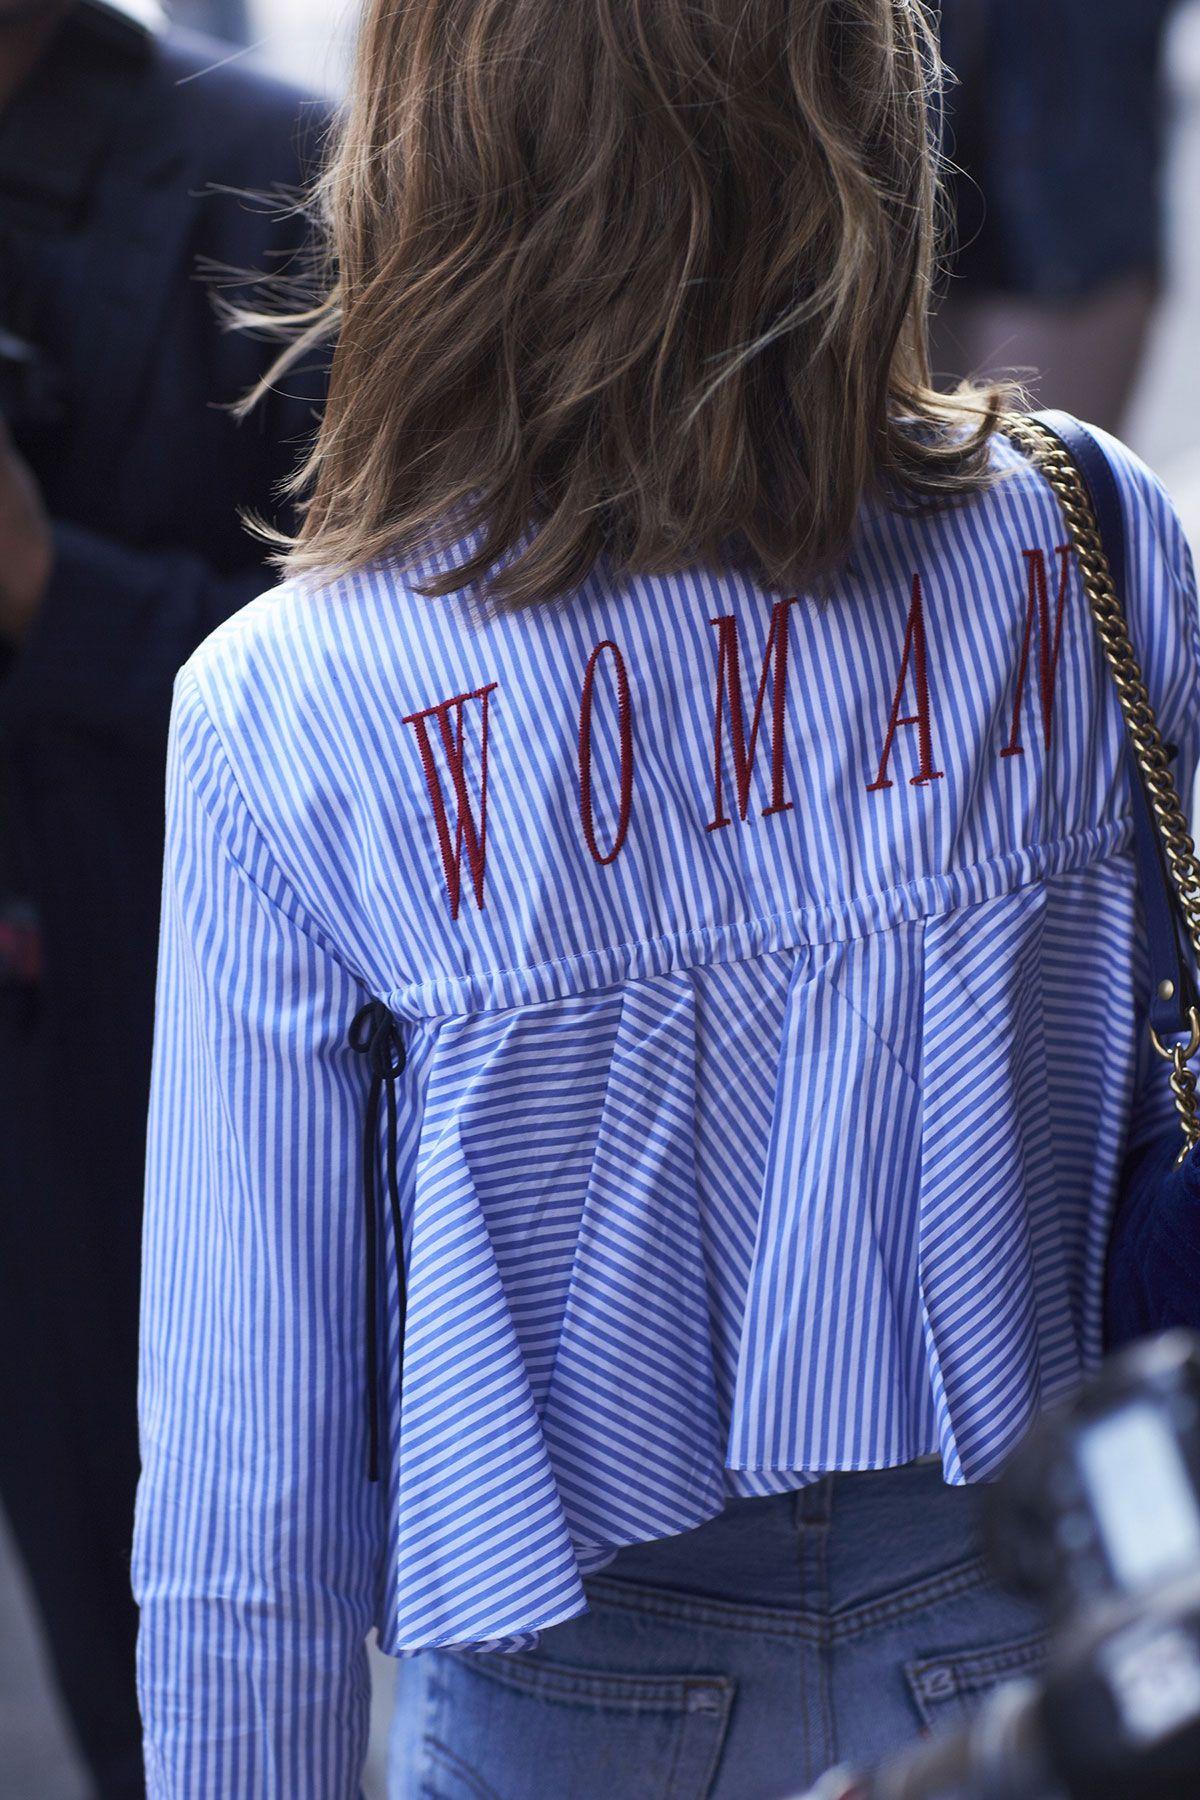 """トレンドのストライプシャツを彩る""""WOMAN""""<span class=""""redactor-invisible-space""""></span><p></p>"""